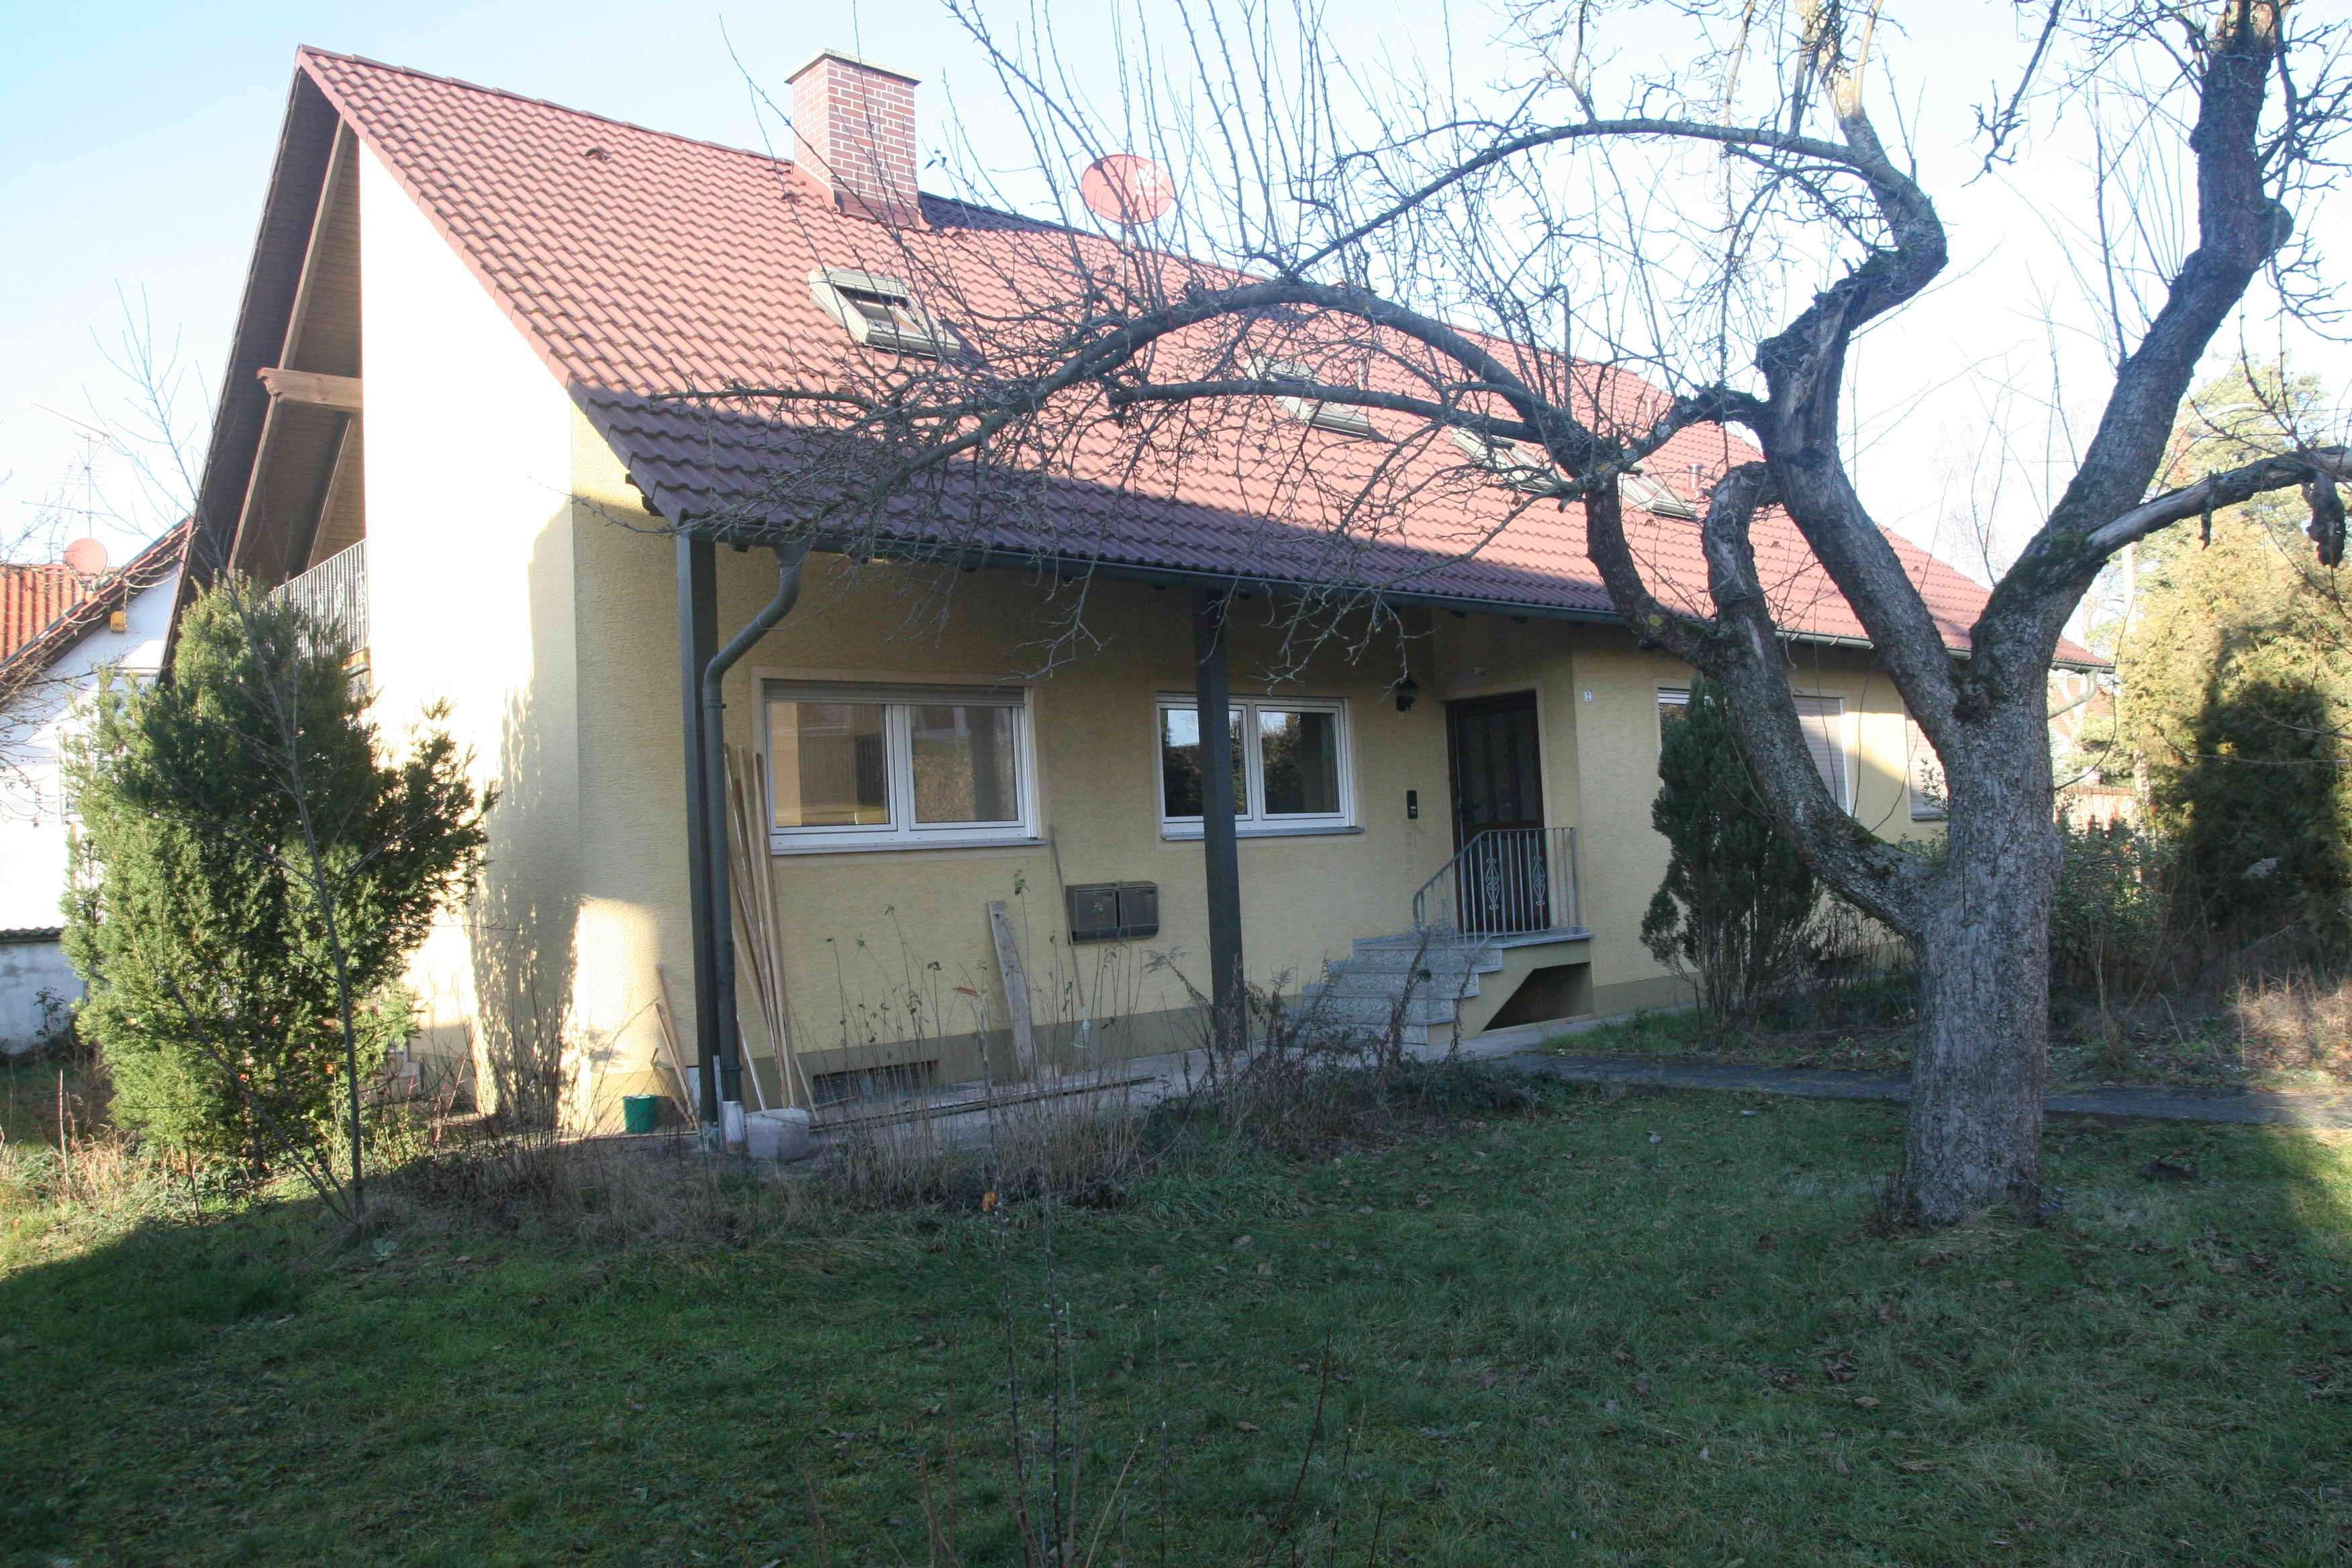 Großzügige 4-Zimmer-Hochparterre-Wohnung (130qm) mit Terrasse in Möhrendorf in Möhrendorf